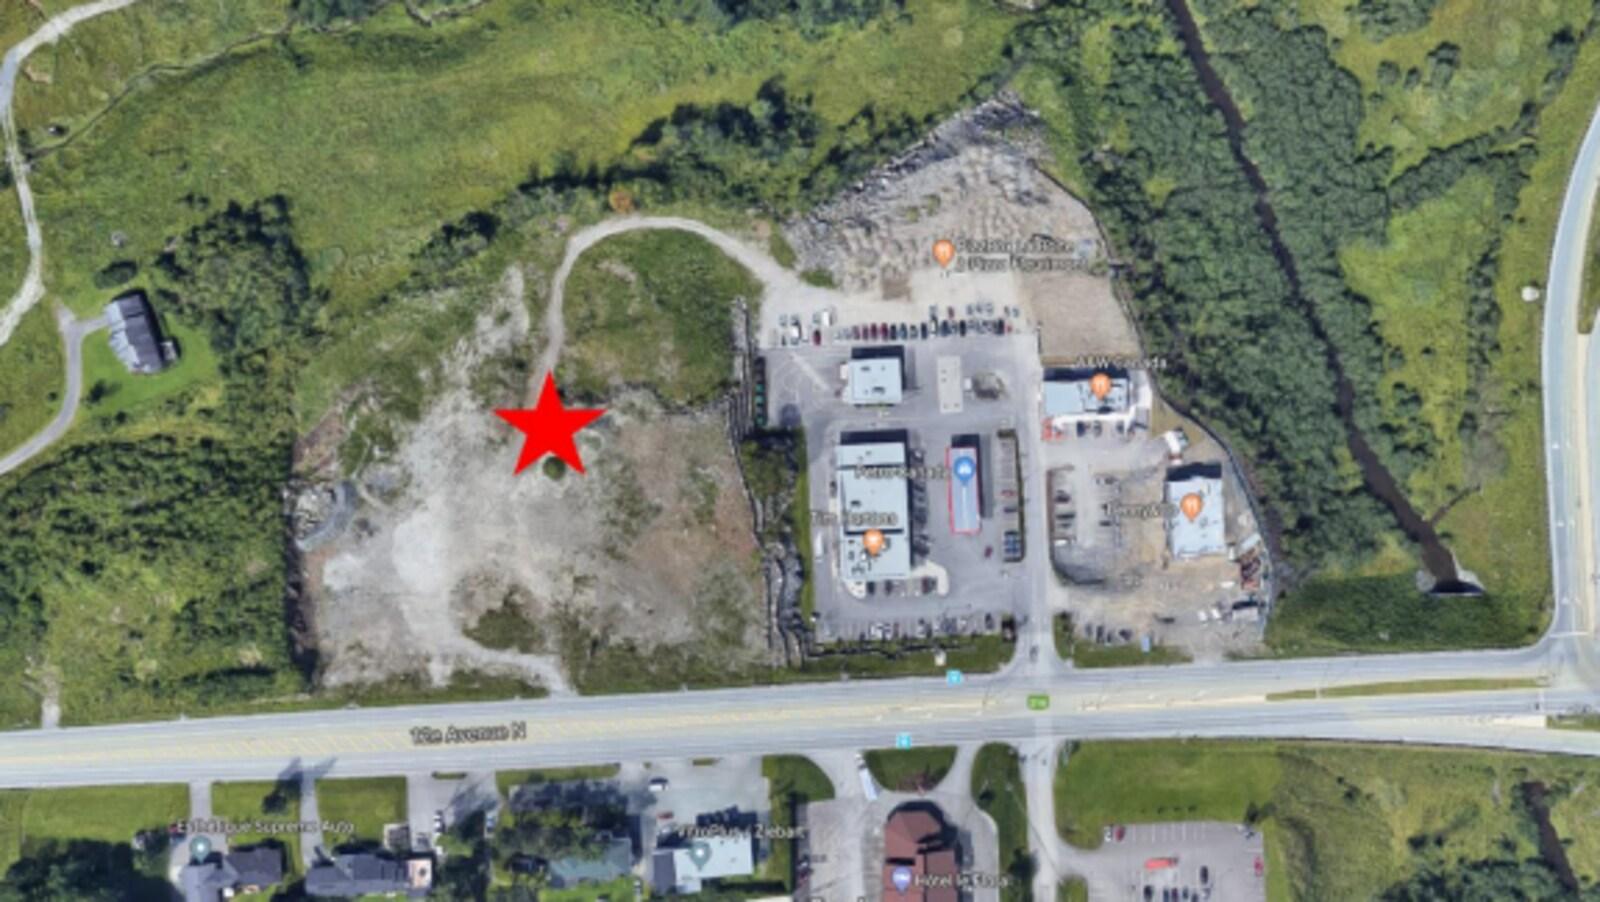 Cette carte, présente dans un document de Destination Sherbrooke, identifie le lieu où serait construit l'hôtel.